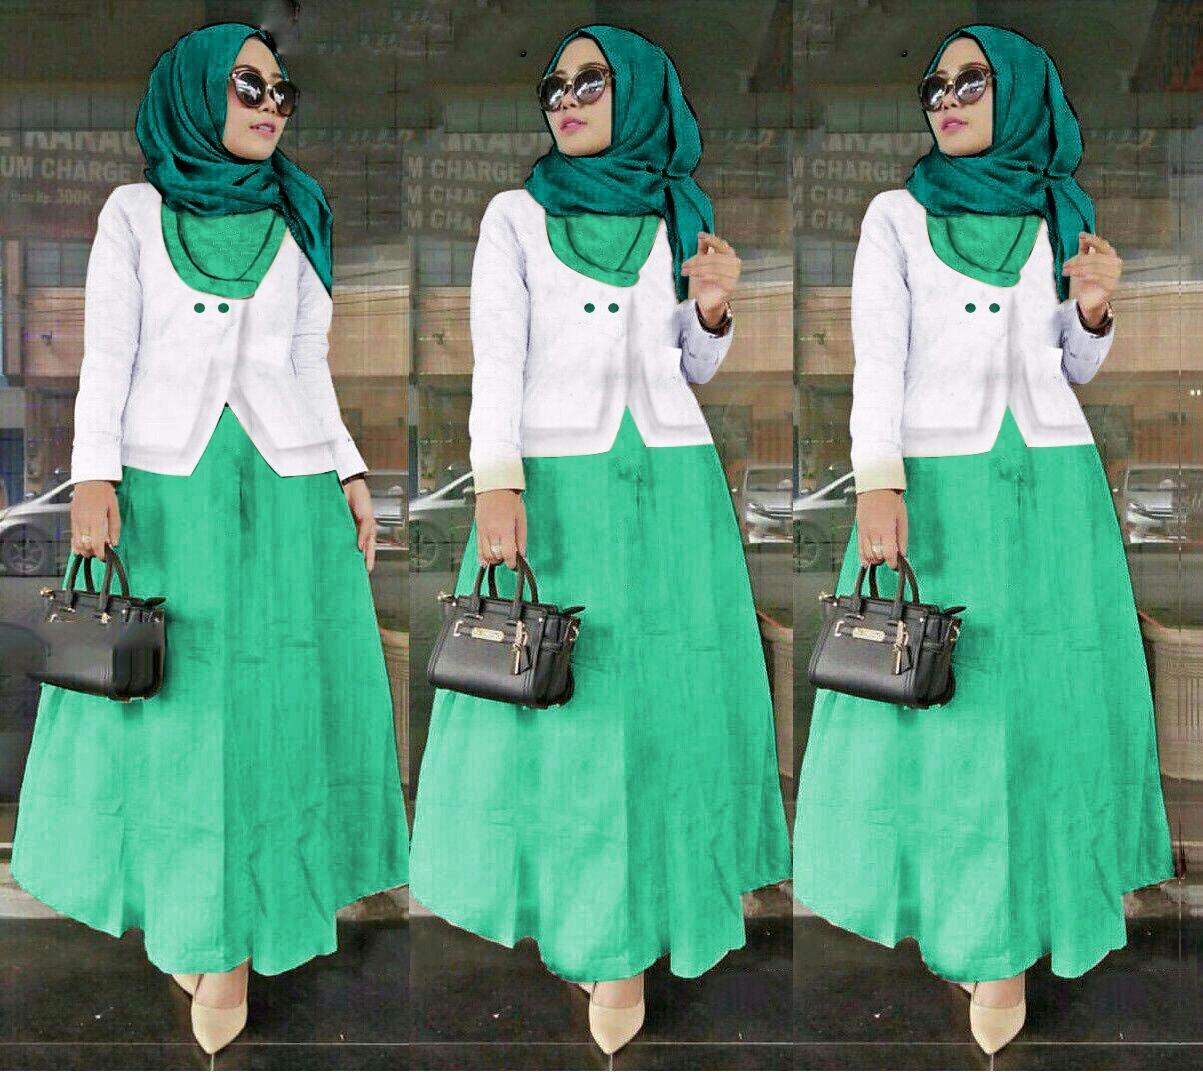 J&C Setelan Muslim Hijab Hasana Saten 3In1 / Dress Maxi / Maxi Muslim / Setelan Maxi Dress / Dress Muslim / Setelan Busana Muslim / Setelan Baju Muslim / Baju Gamis Wanita / Setelan Muslim / Hijab Fashion / Hijab Style